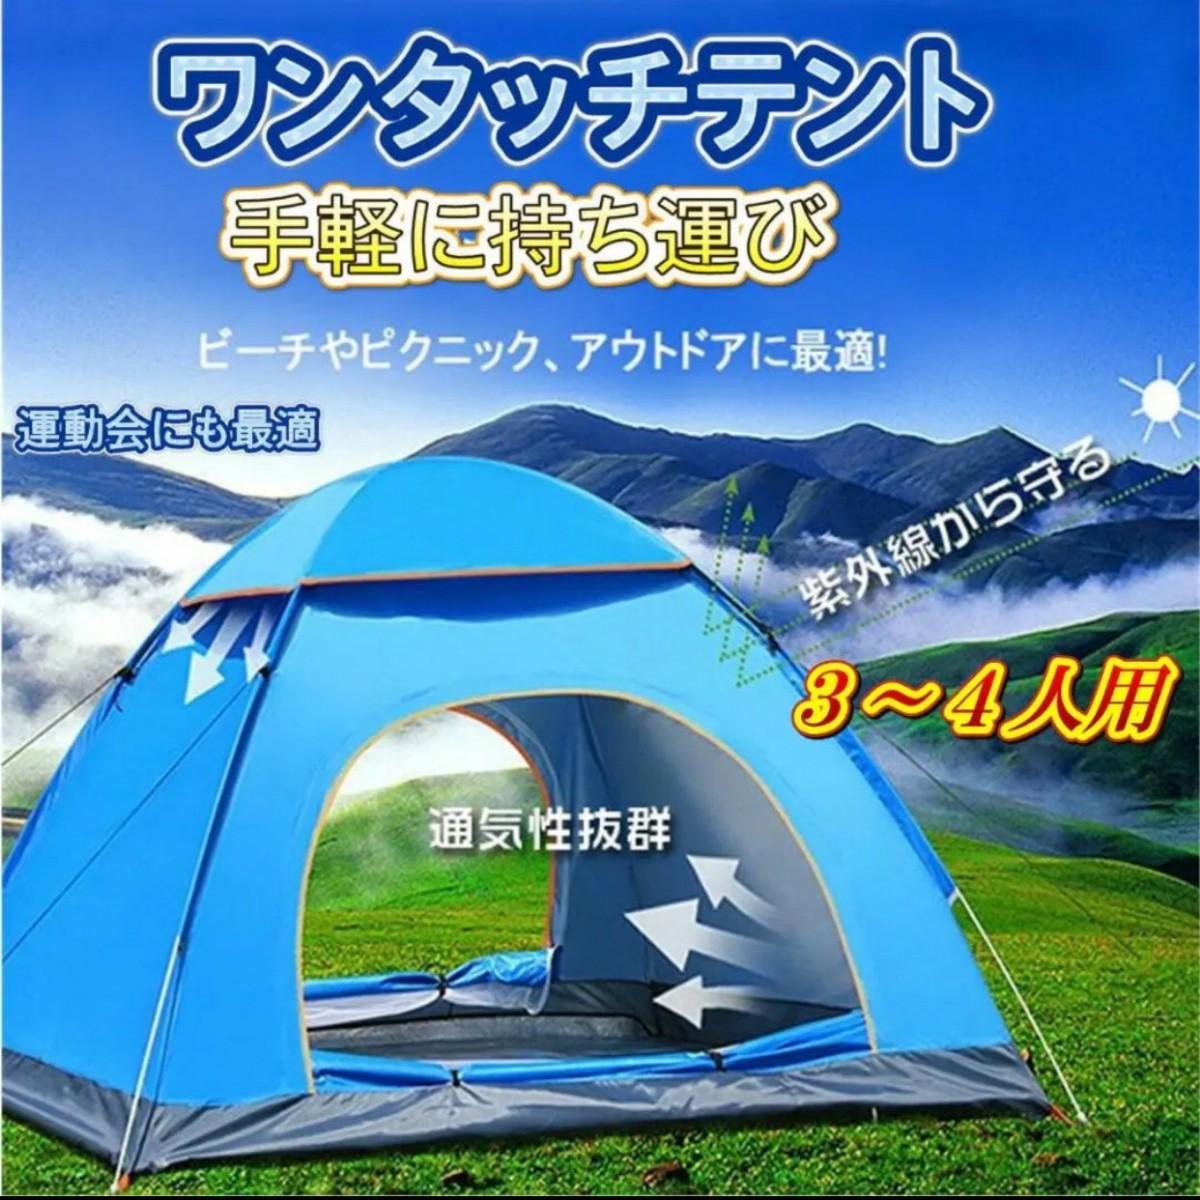 人気 簡単組立 ワンタッチテント 3-4人用 アウトドア キャンプ 防災 新品